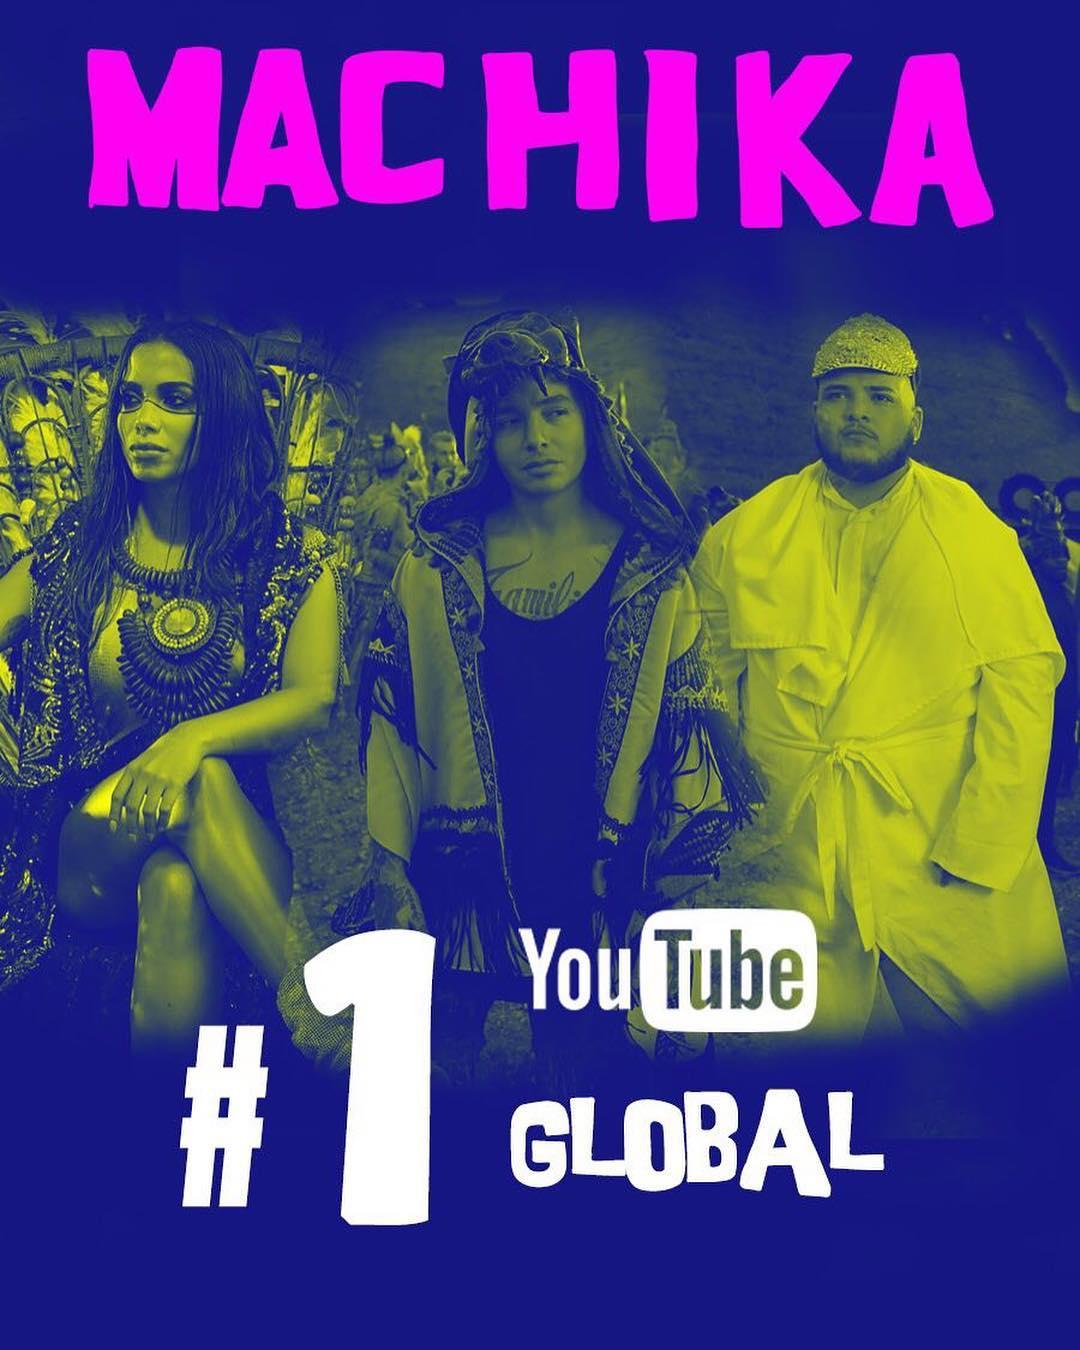 #1 YouTube Global!